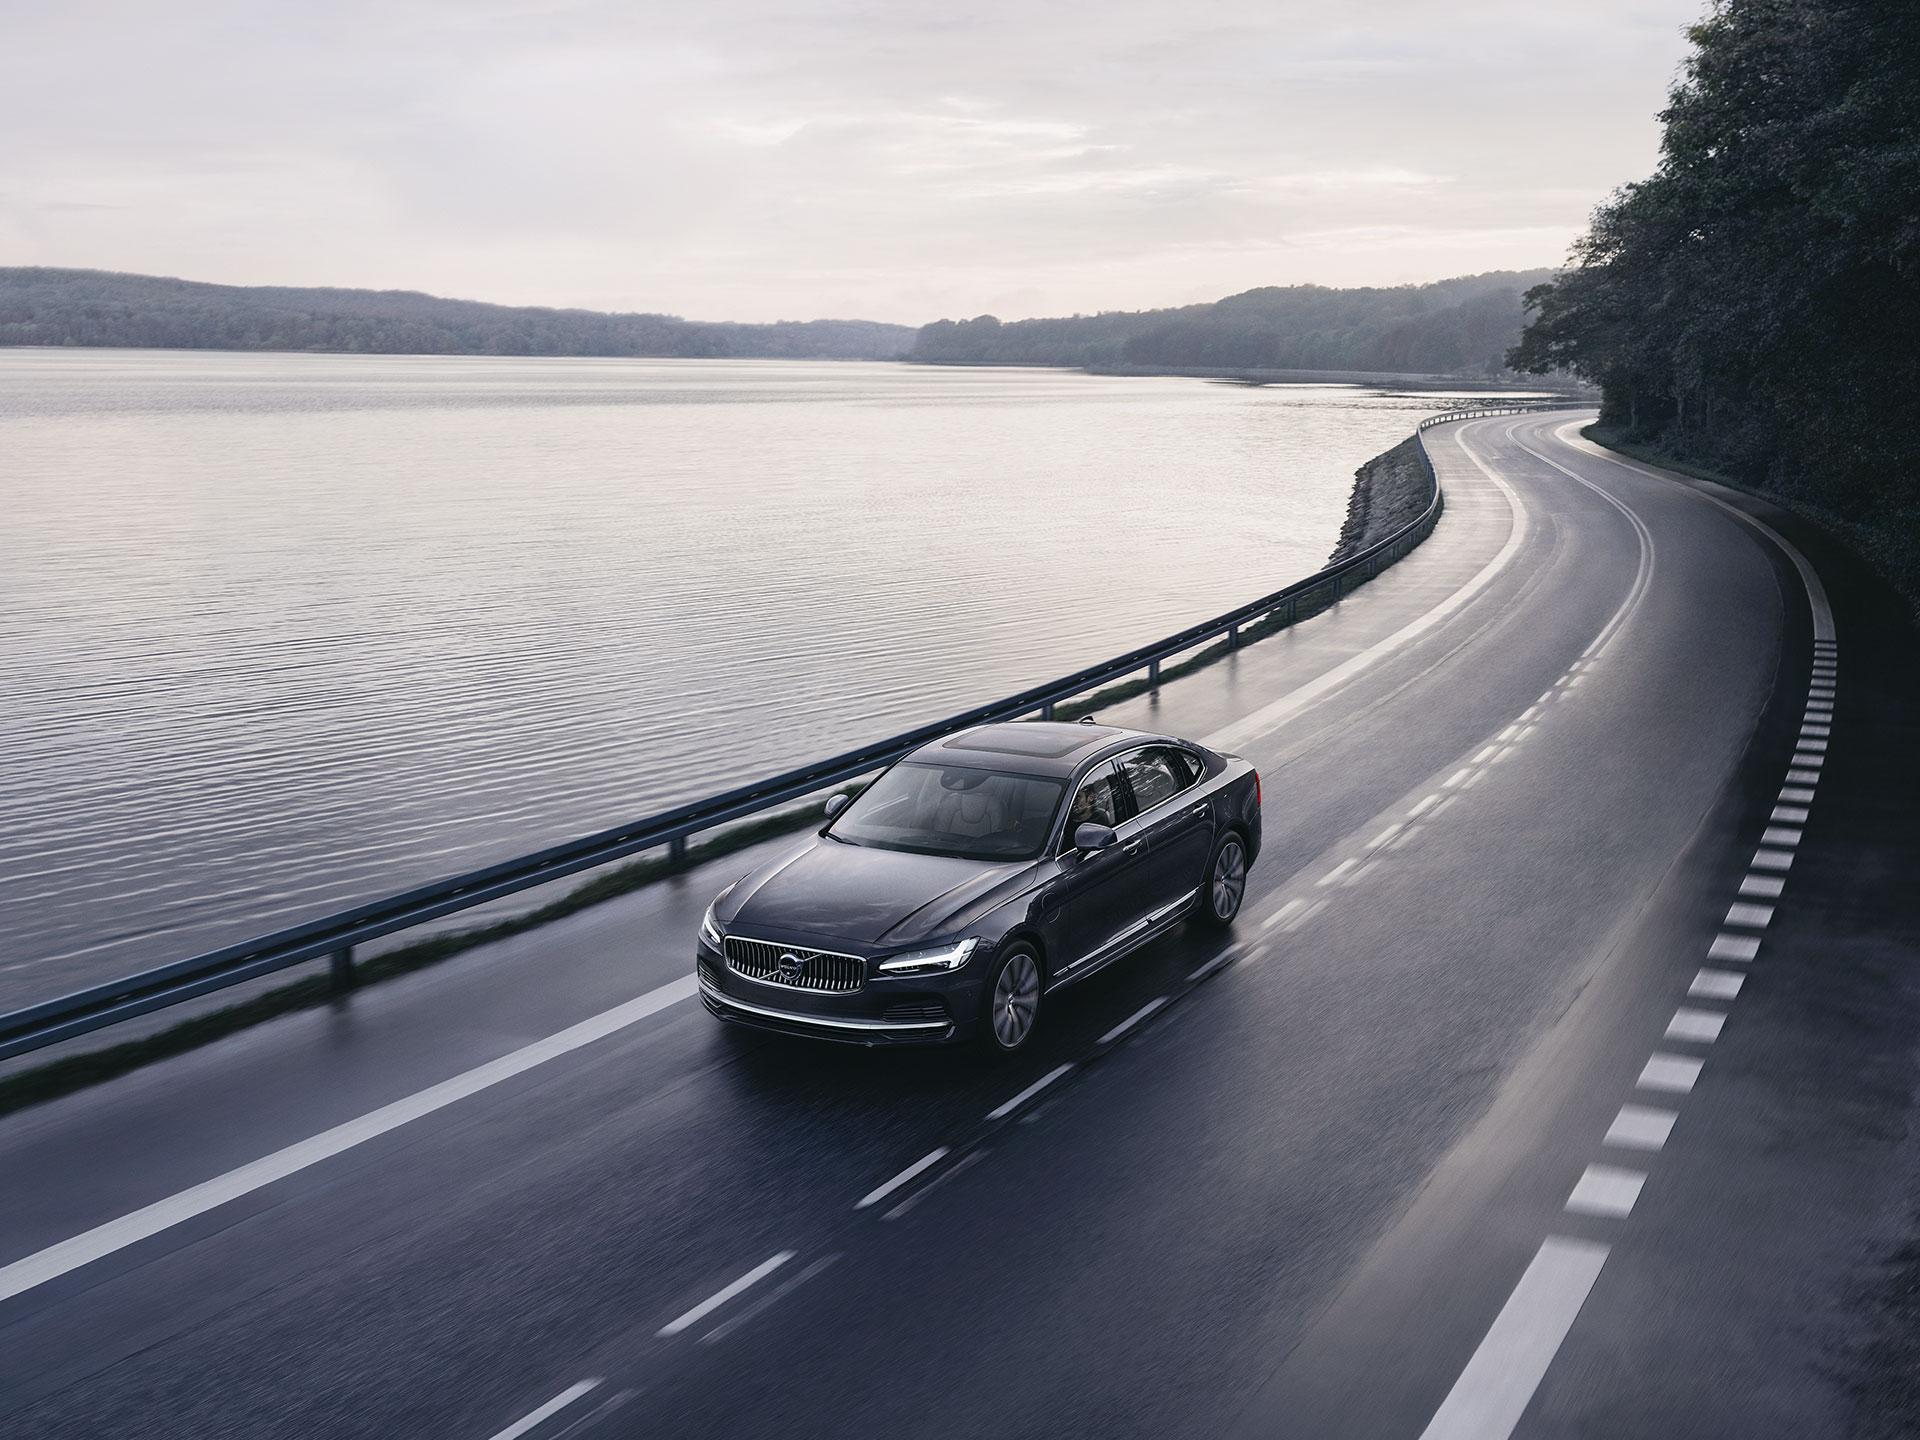 Mild hybridní Volvo S90 při jízdě po pobřežní silnici.